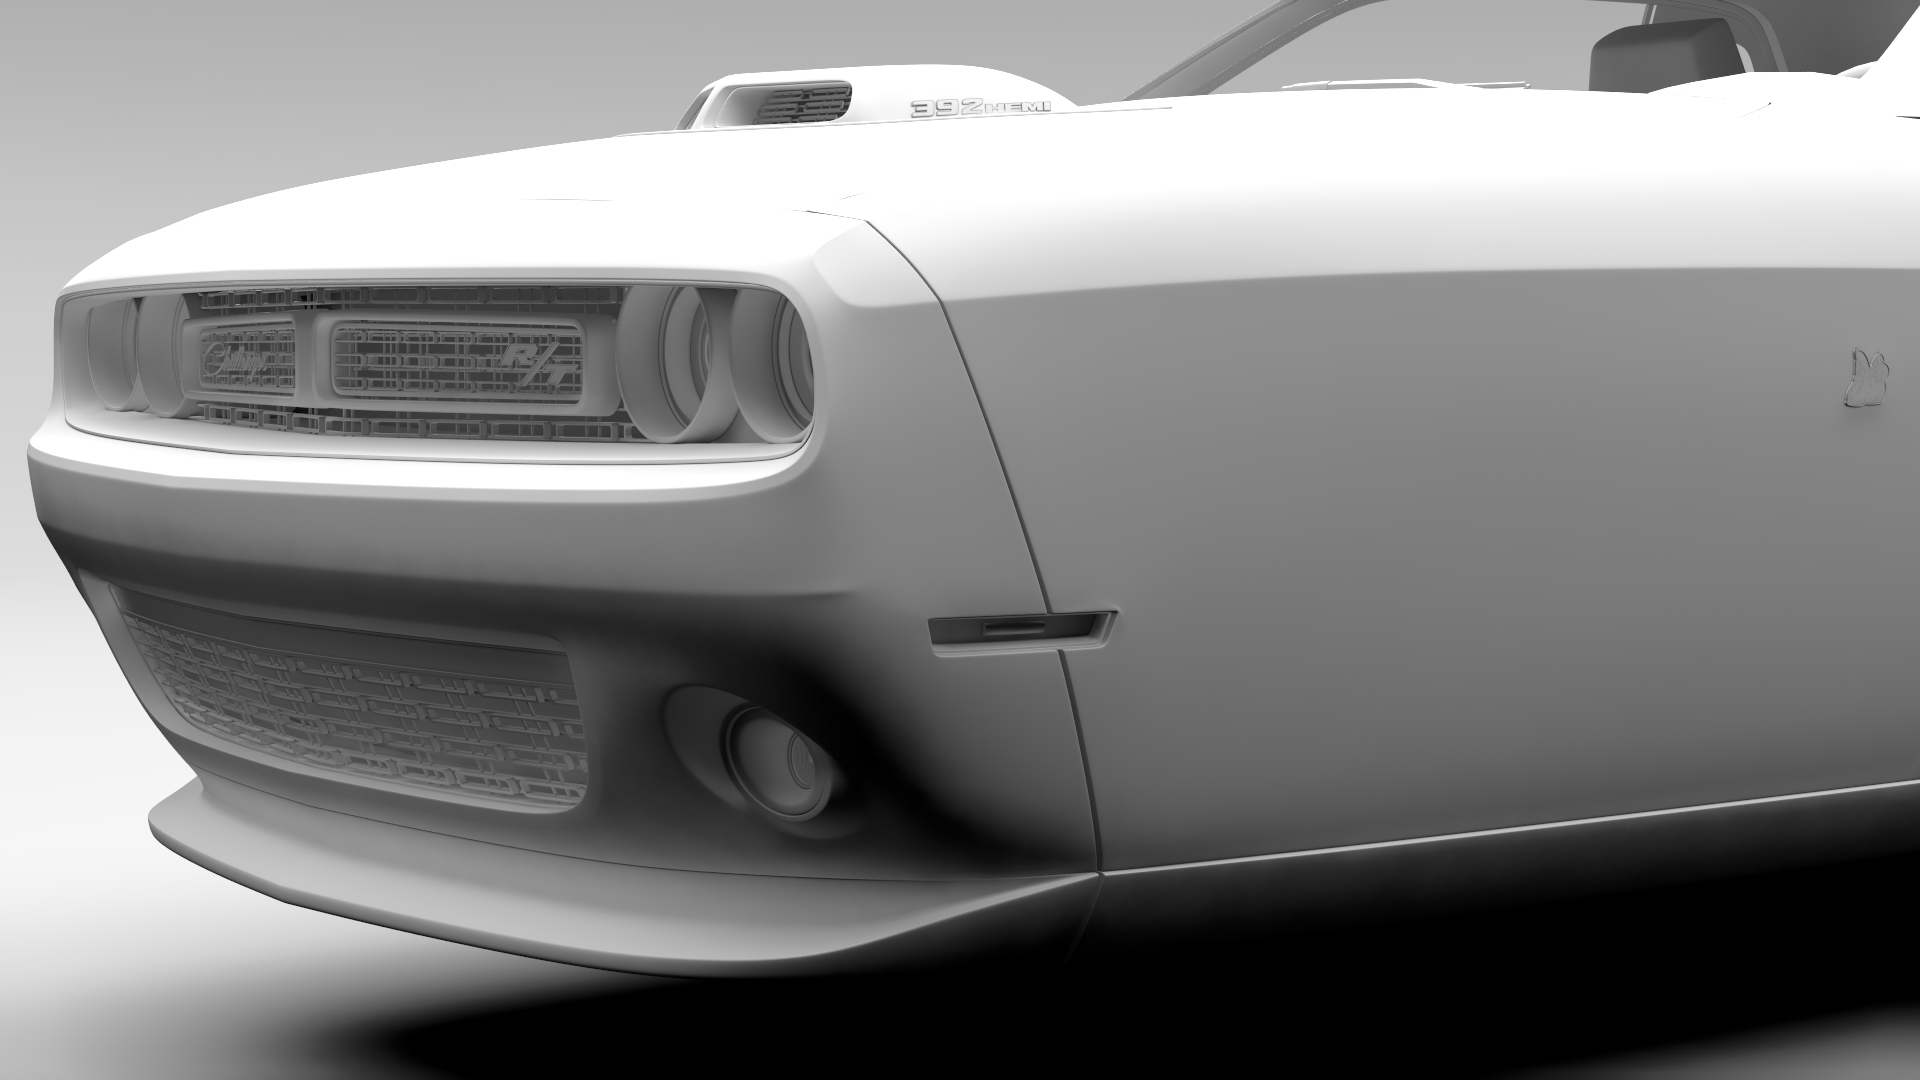 Dodge Challenger 392 shaker (lc) 2016 yn hedfan model 3d 3ds max fbx c4d ar gyfer yr hrc xsi obj 220613